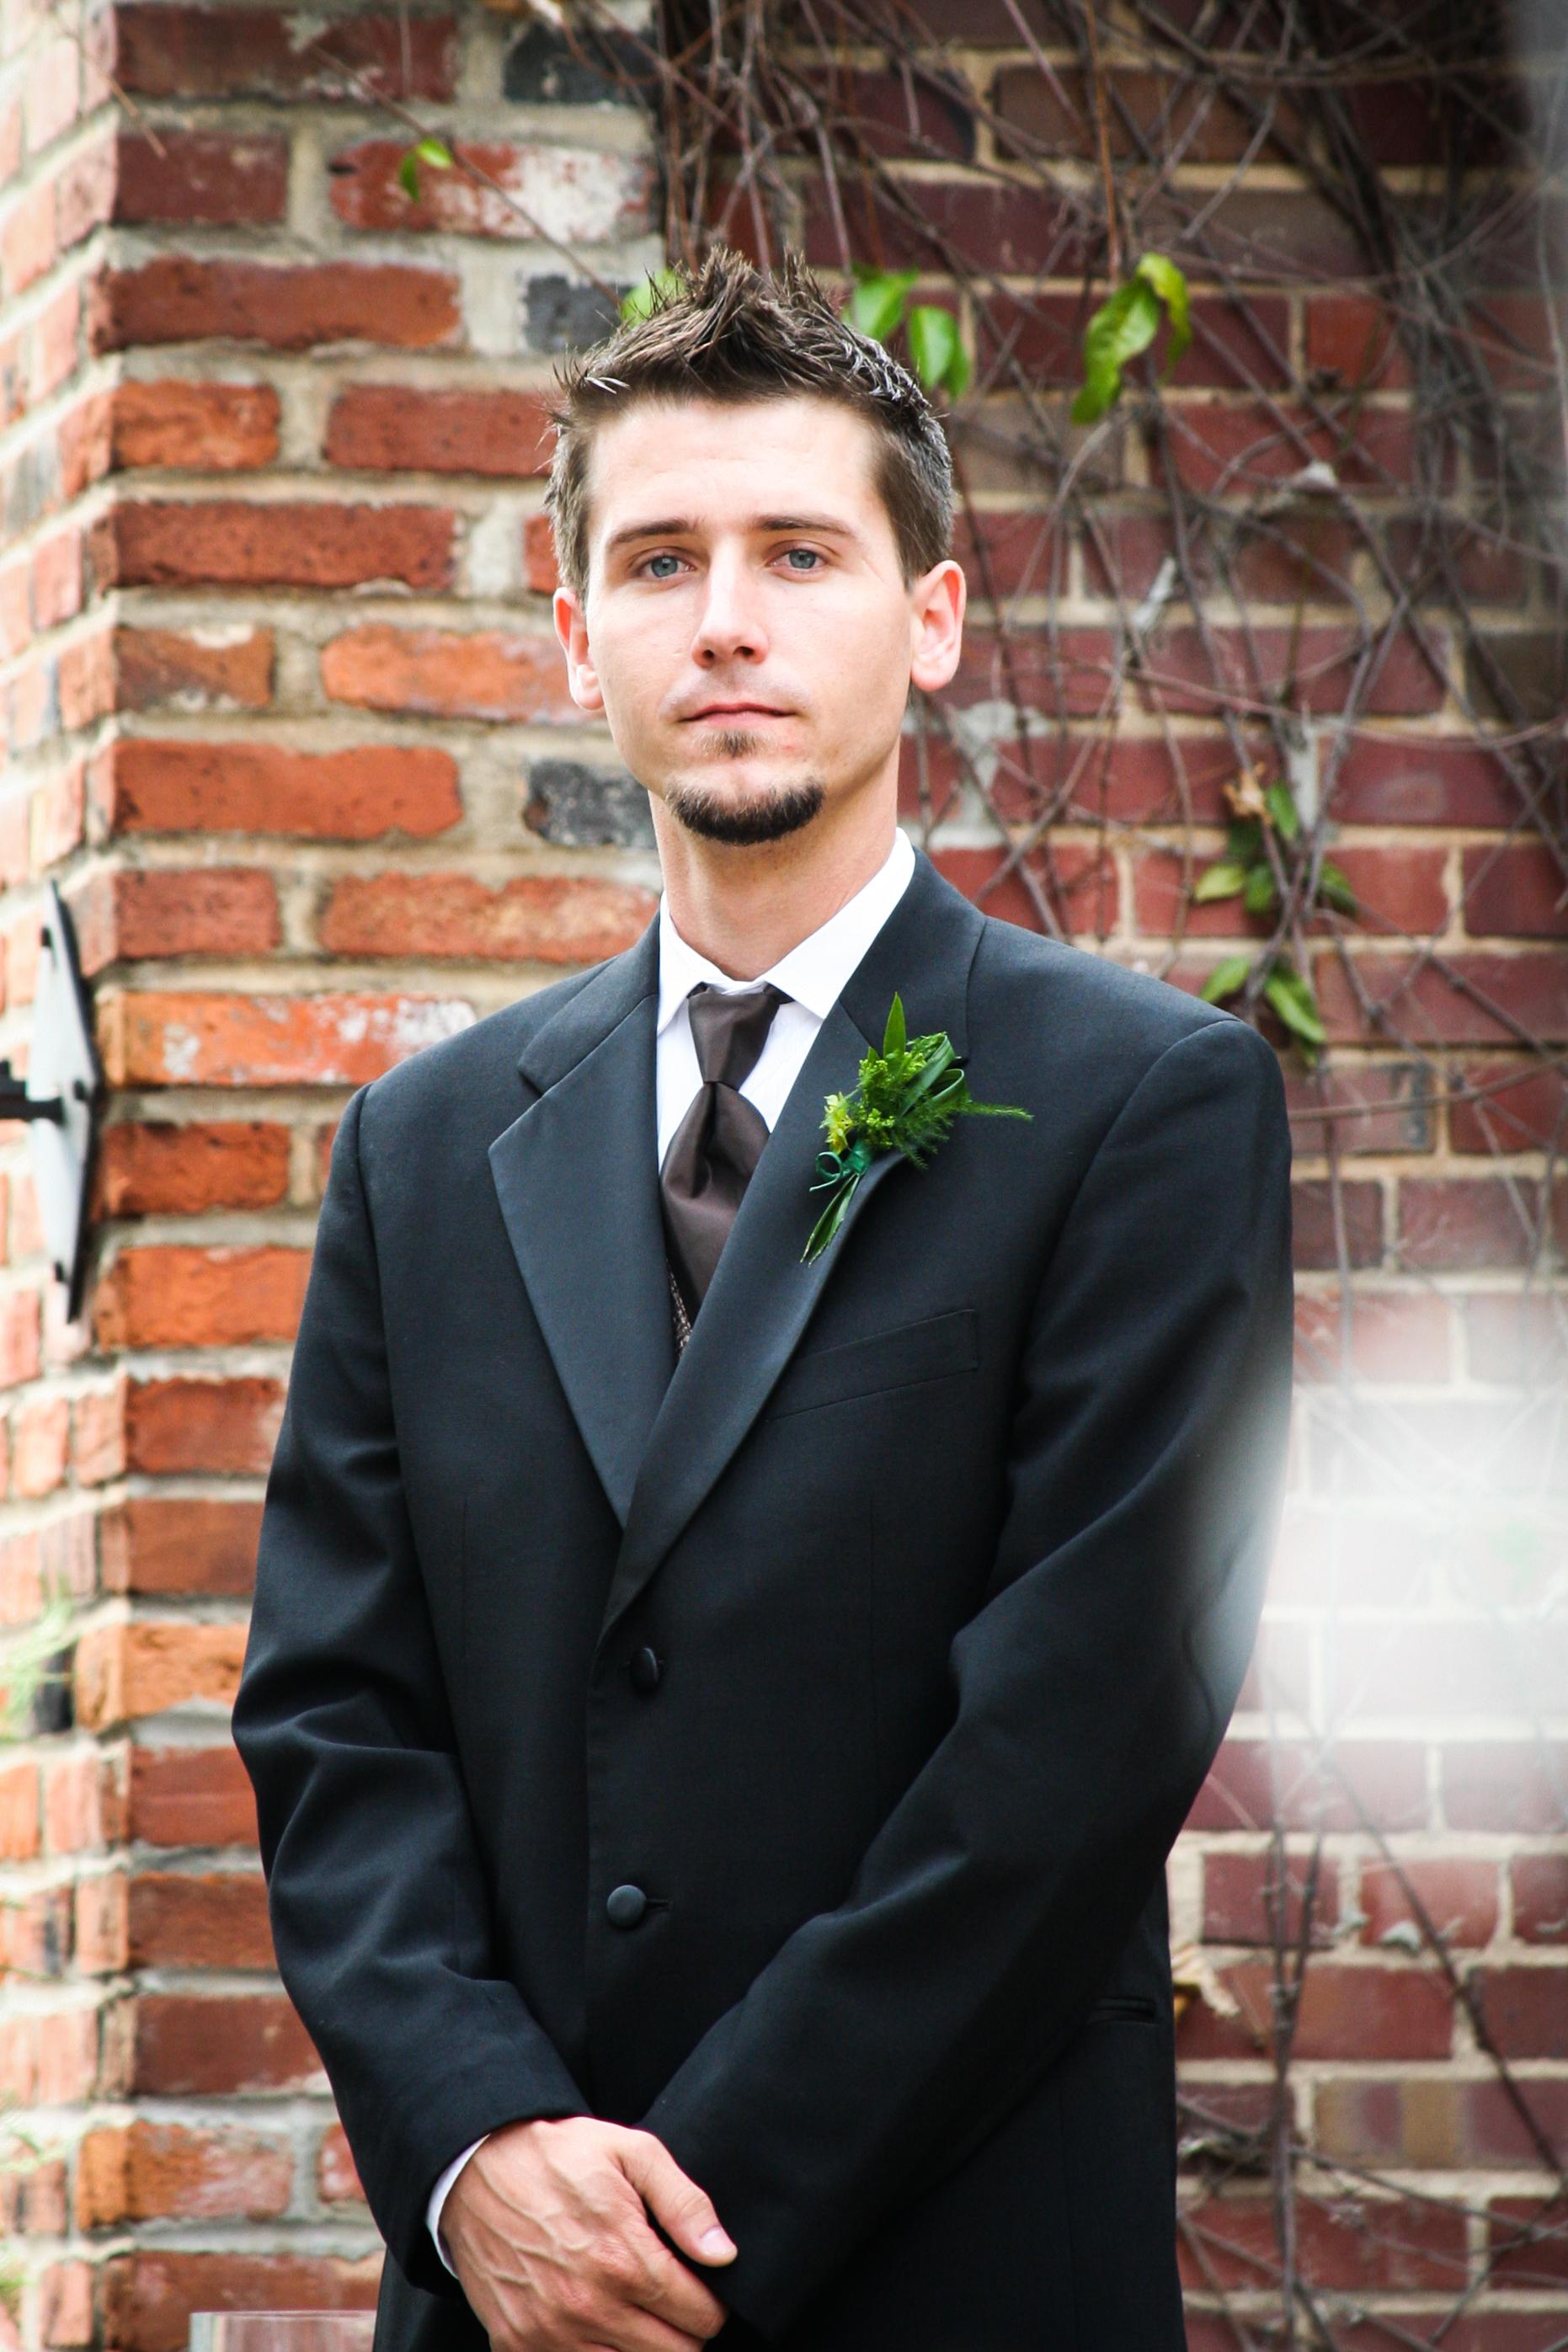 Weddings-66.jpg